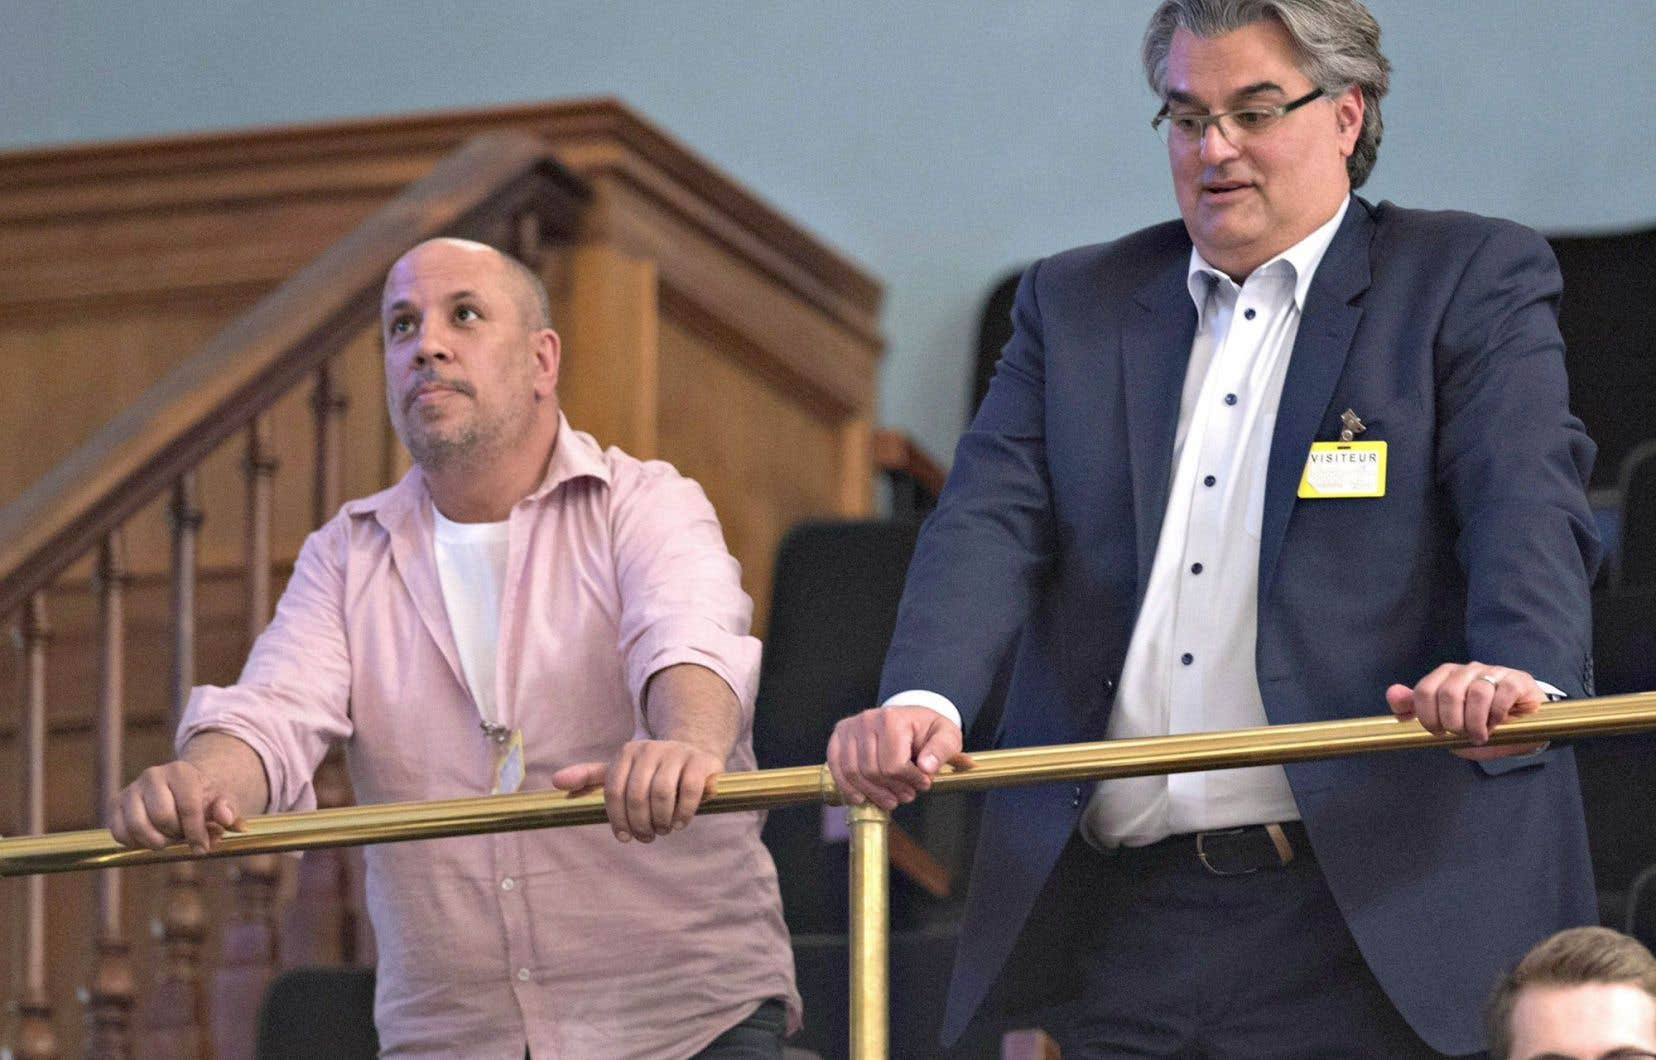 Dans les tribunes réservées au public, deux spectateurs attentifs: Ken Peireira et Lino Zambito